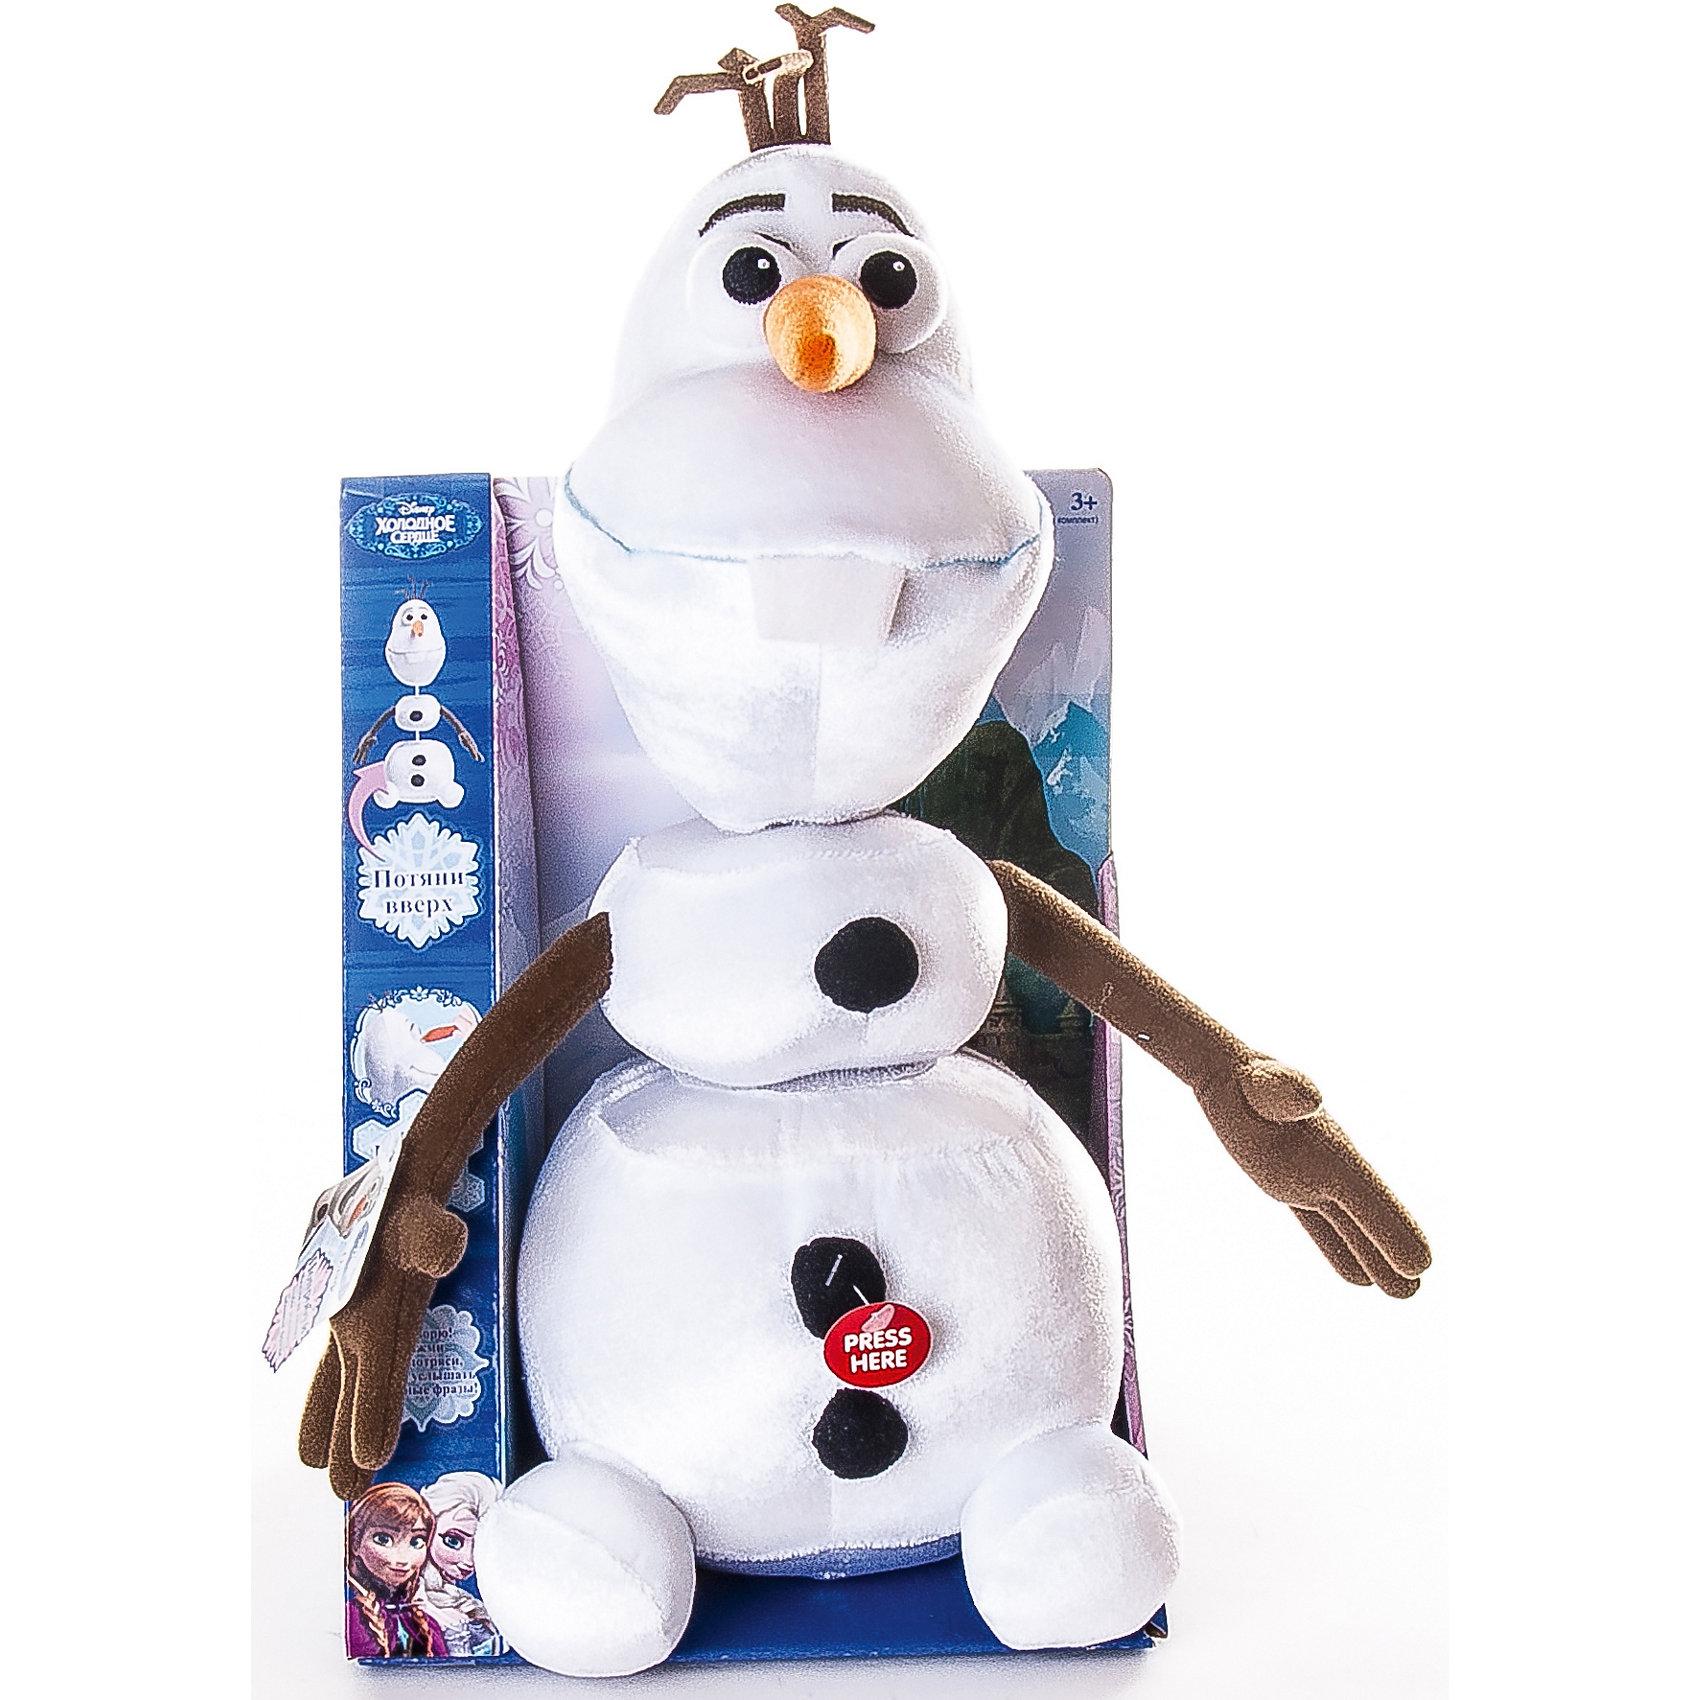 Олаф, Холодное сердце, 35 см.,  DisneyНовинка от Disney, герой мультфильма Холодное сердце - снеговик Олаф! При нажатии на живот или тряске, игрушка начинает произносить забавные фразы из мультика. Снеговика можно растянуть, потому что его части тела (три снежных кома и нос в виде морковки) соединены шнурком. Этот чудесный снеговик 35 см высотой обязательно понравится поклонникам знаменитого мультфильма!<br>Герой всеми любимого мультфильма - снеговик Олаф.<br>Умеет разговаривать, стоит нажать на живот или потрясти.<br>Снеговика можно растянуть, потому что его части тела (три снежных кома и нос в виде морковки) соединены шнурком.<br><br>Ширина мм: 195<br>Глубина мм: 340<br>Высота мм: 140<br>Вес г: 582<br>Возраст от месяцев: 36<br>Возраст до месяцев: 2147483647<br>Пол: Унисекс<br>Возраст: Детский<br>SKU: 3927948